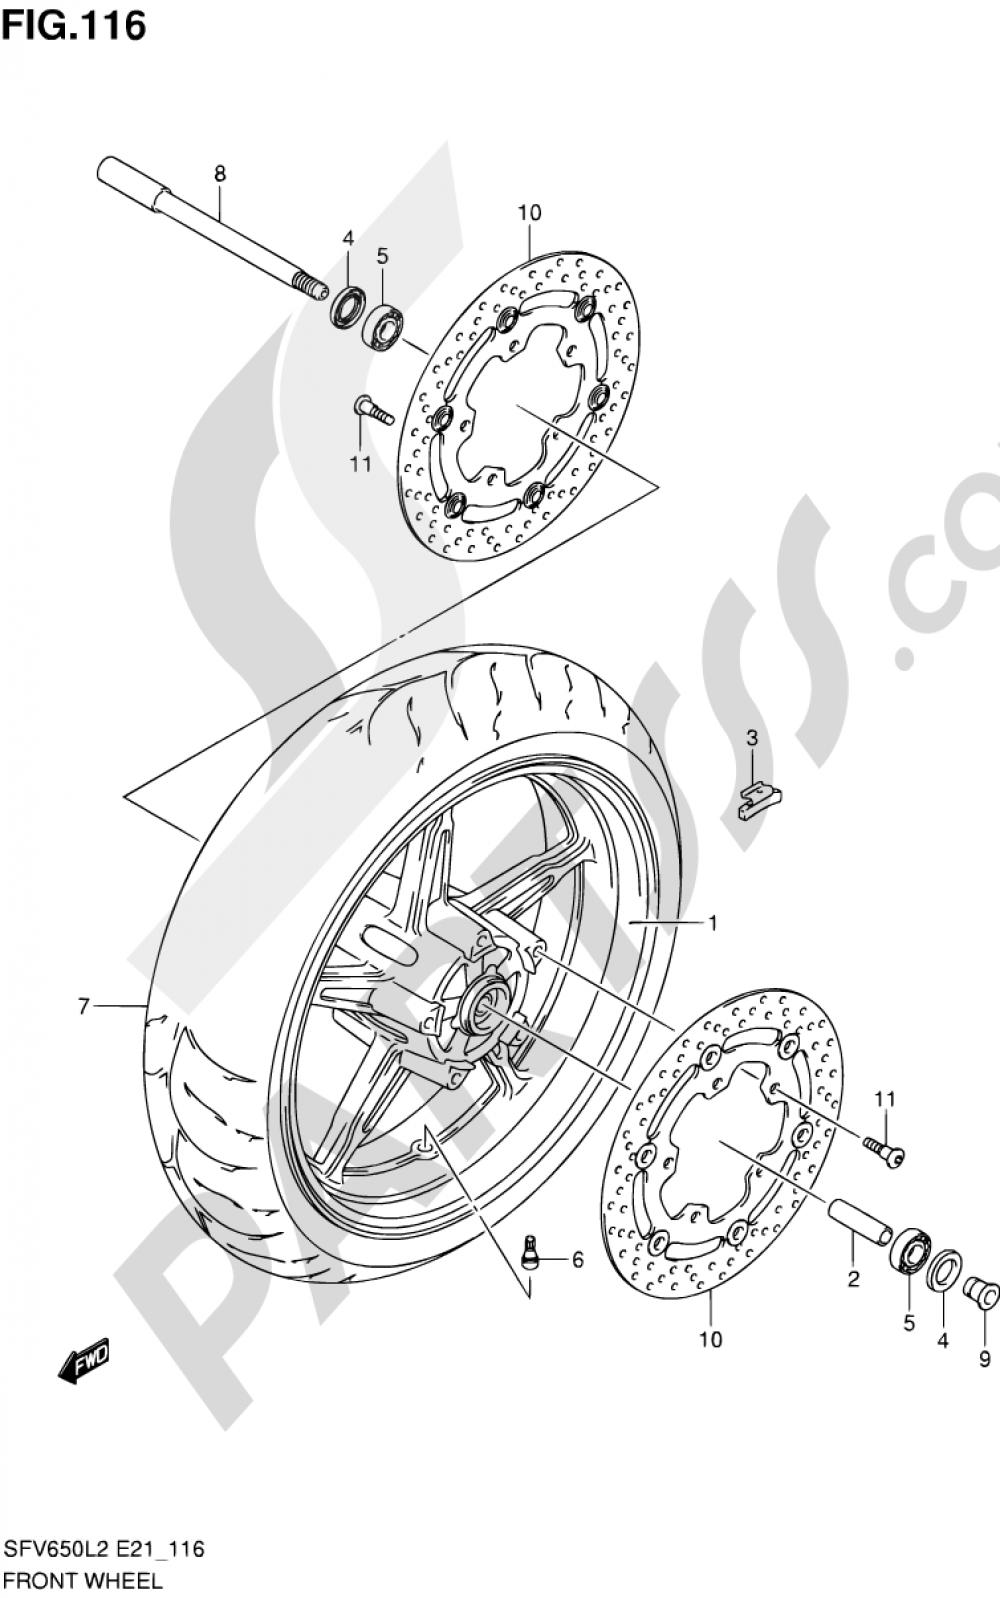 116 - FRONT WHEEL (SFV650L2 E21) Suzuki GLADIUS SFV650 2012